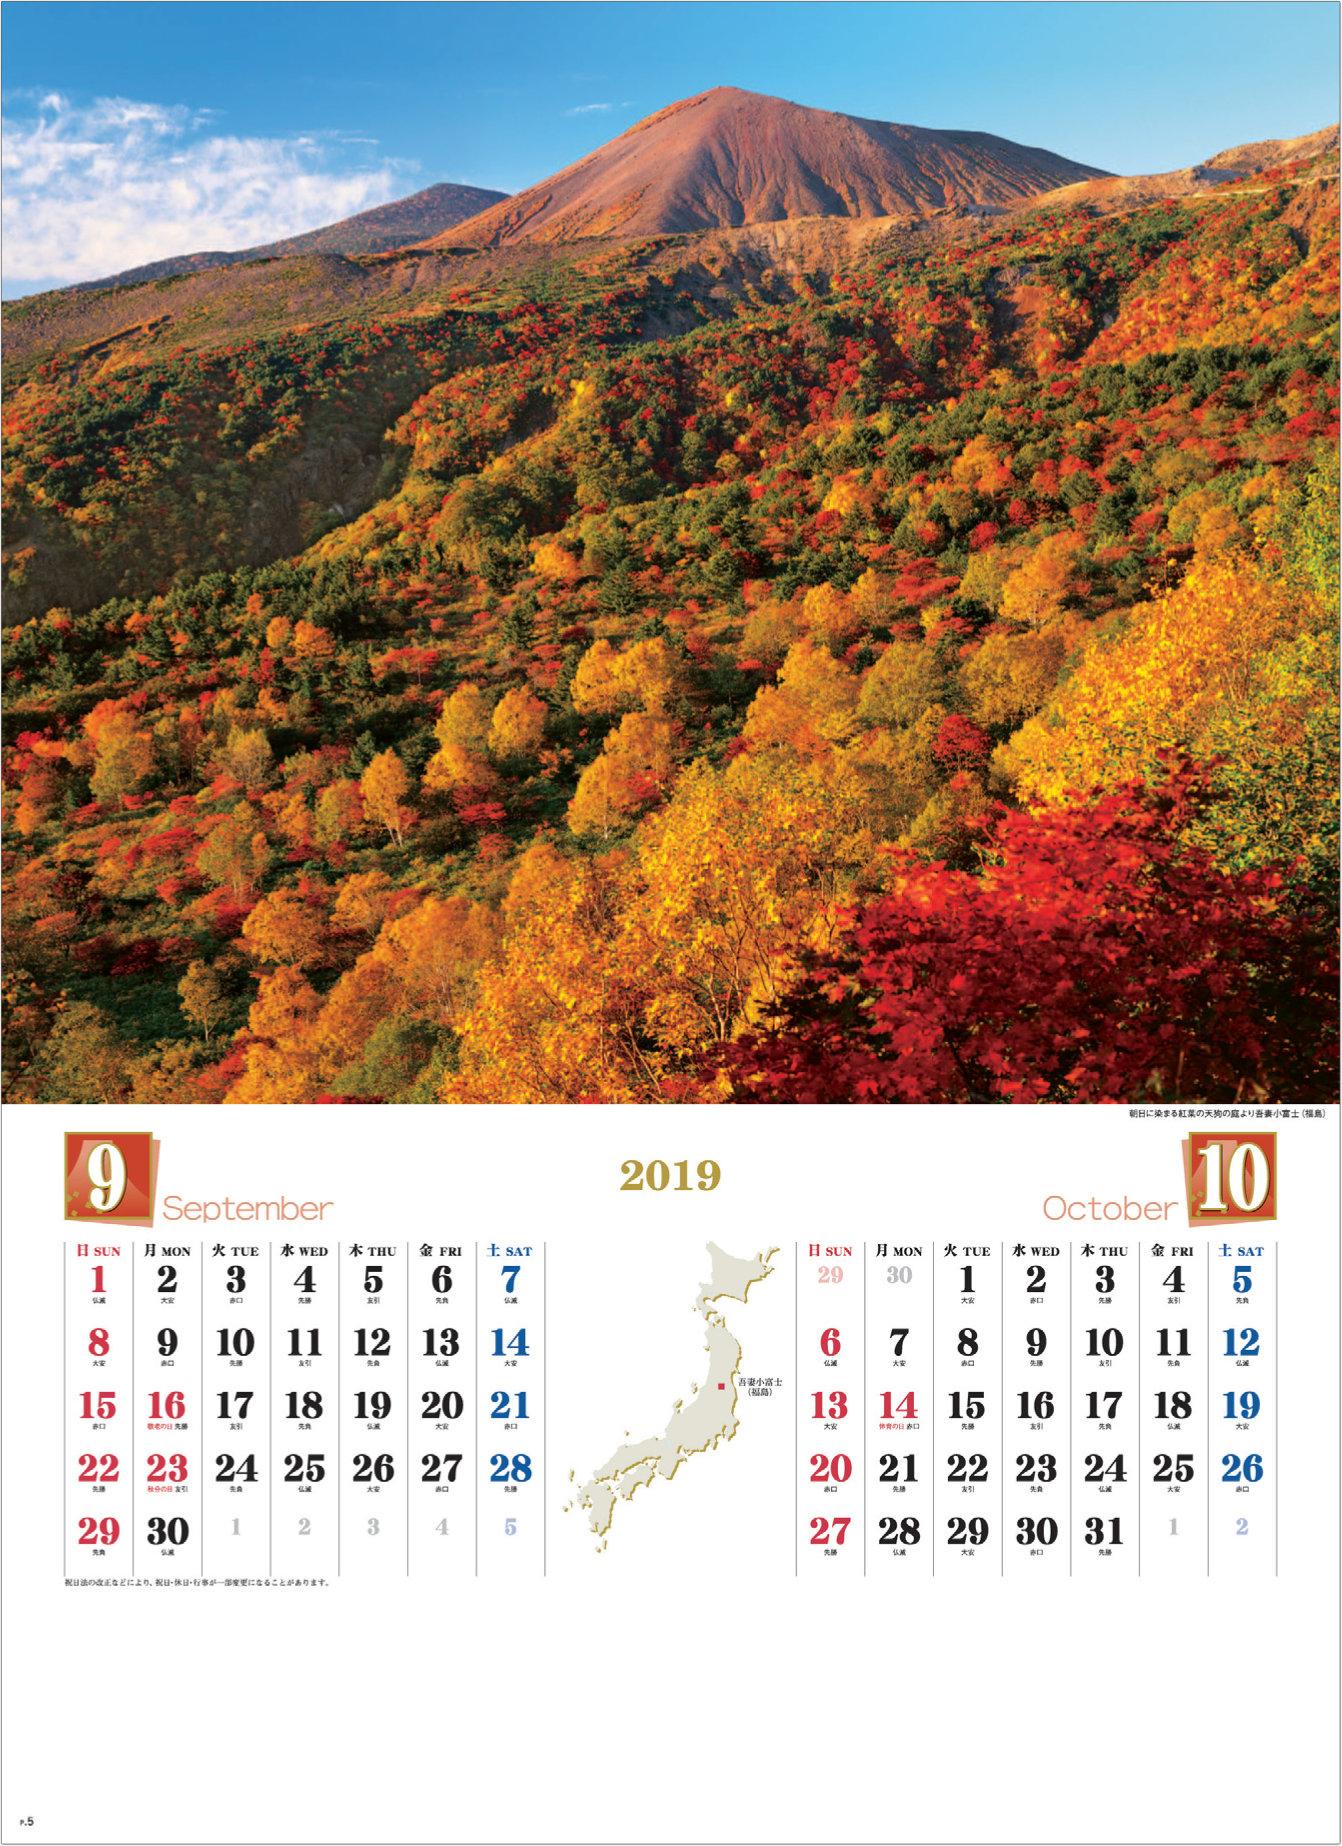 画像:福島県 朝日の染まる紅葉の天狗の庭より吾妻小富士 四季彩峰 2019年カレンダー